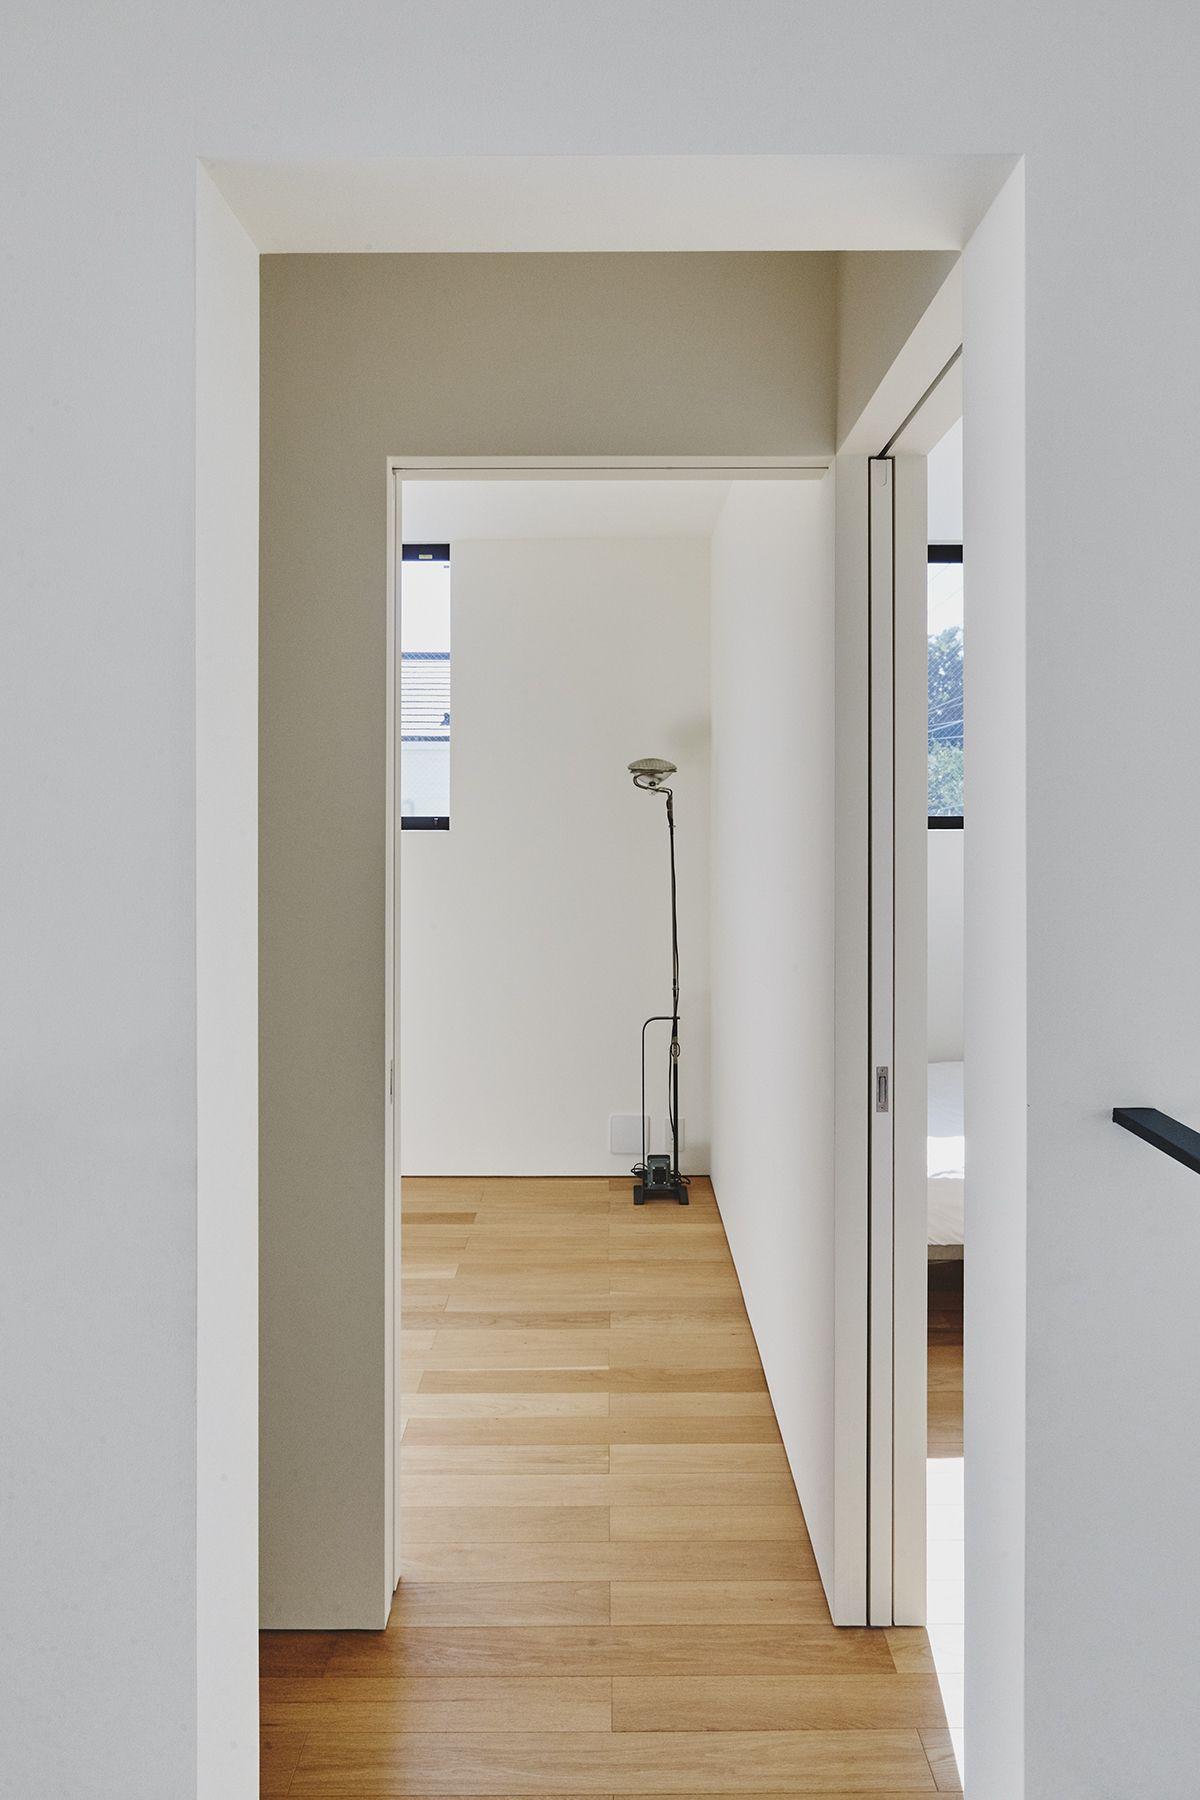 桜新町の家/個人宅 (サクラシンマチノイエ)3F 廊下